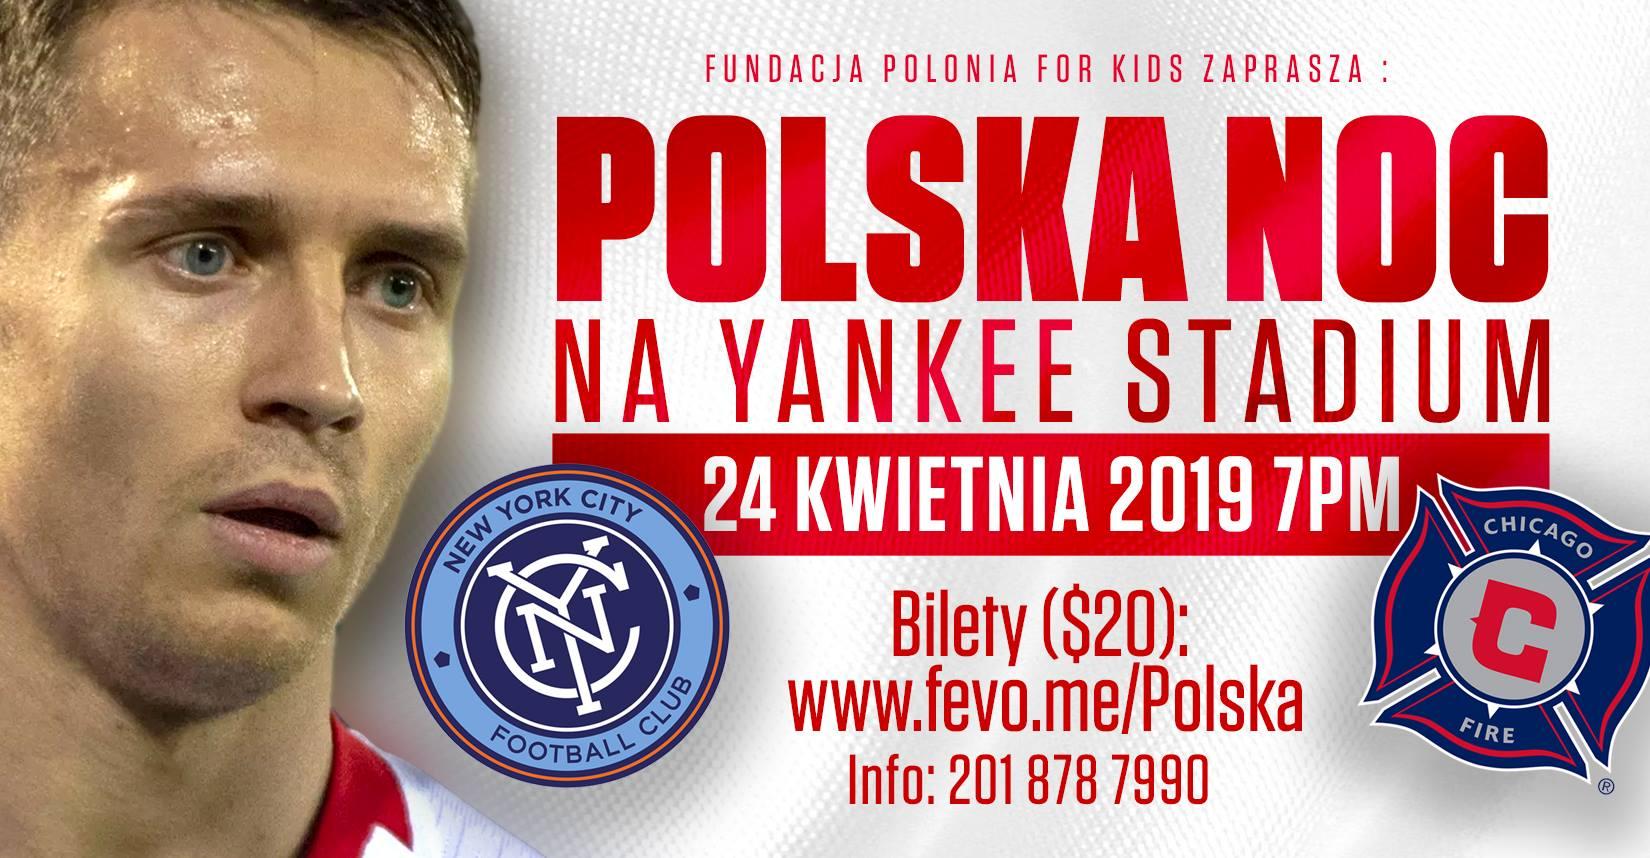 Polish Night with Przemyslaw Frankowski at Yankee Stadium in New York